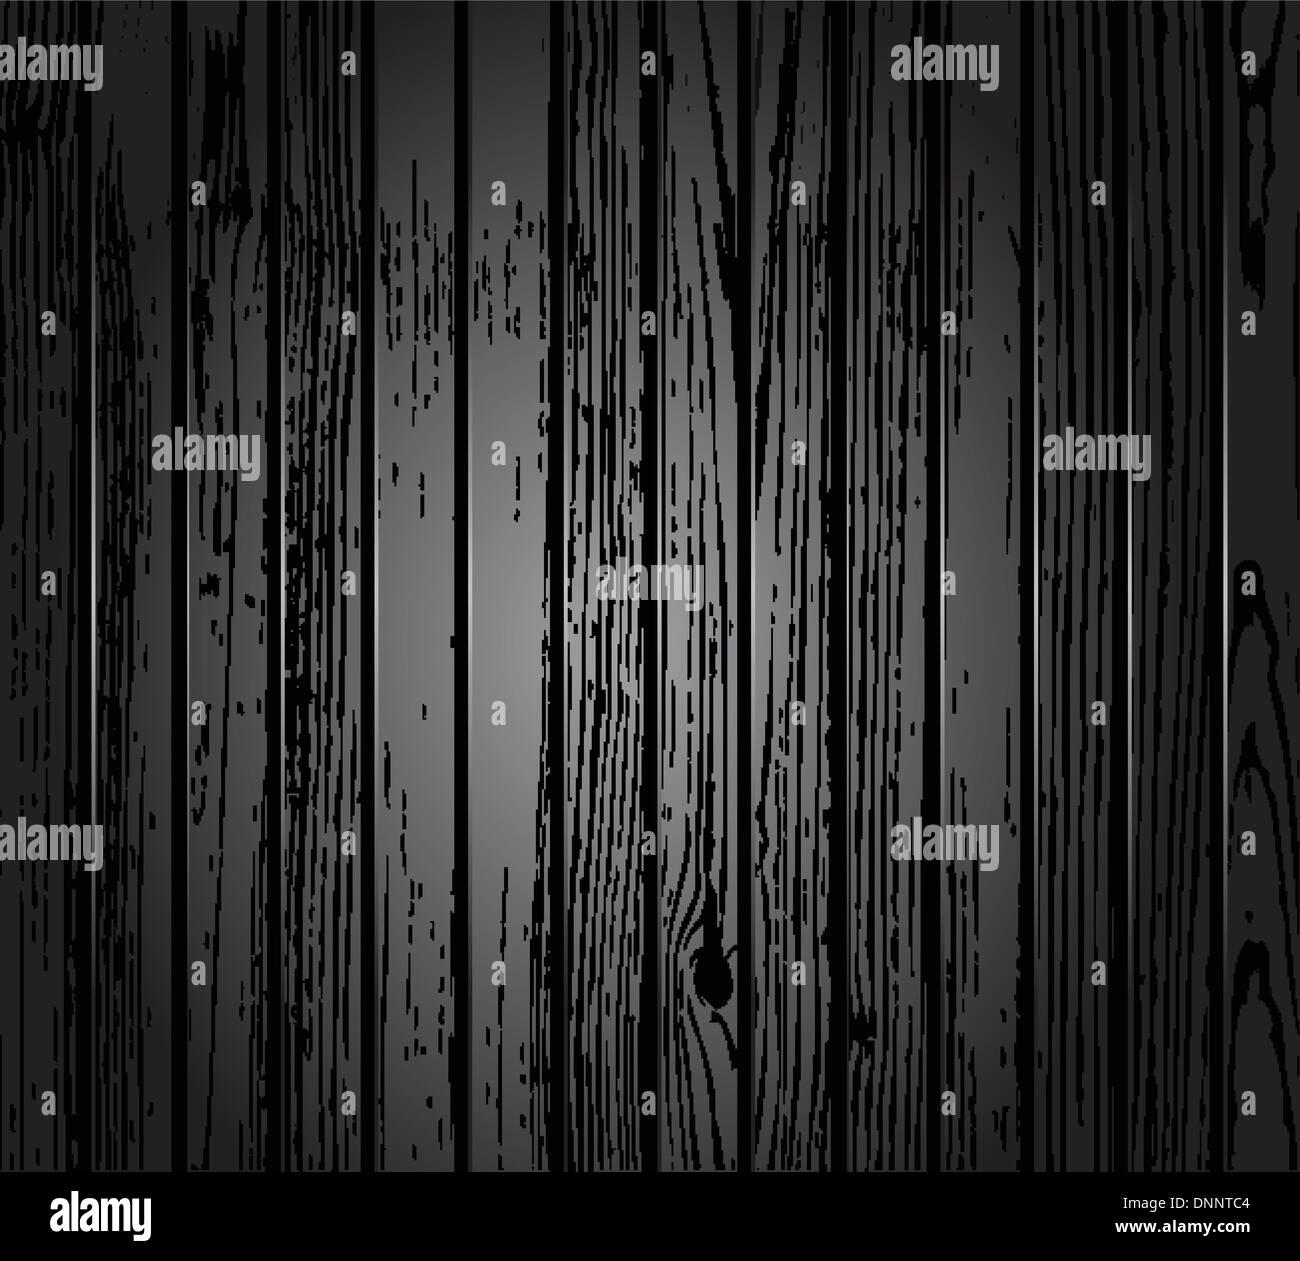 Holz-Vektor Textur im schwarz-weiß-Stil. Einfach zu neu einfärben Stockbild